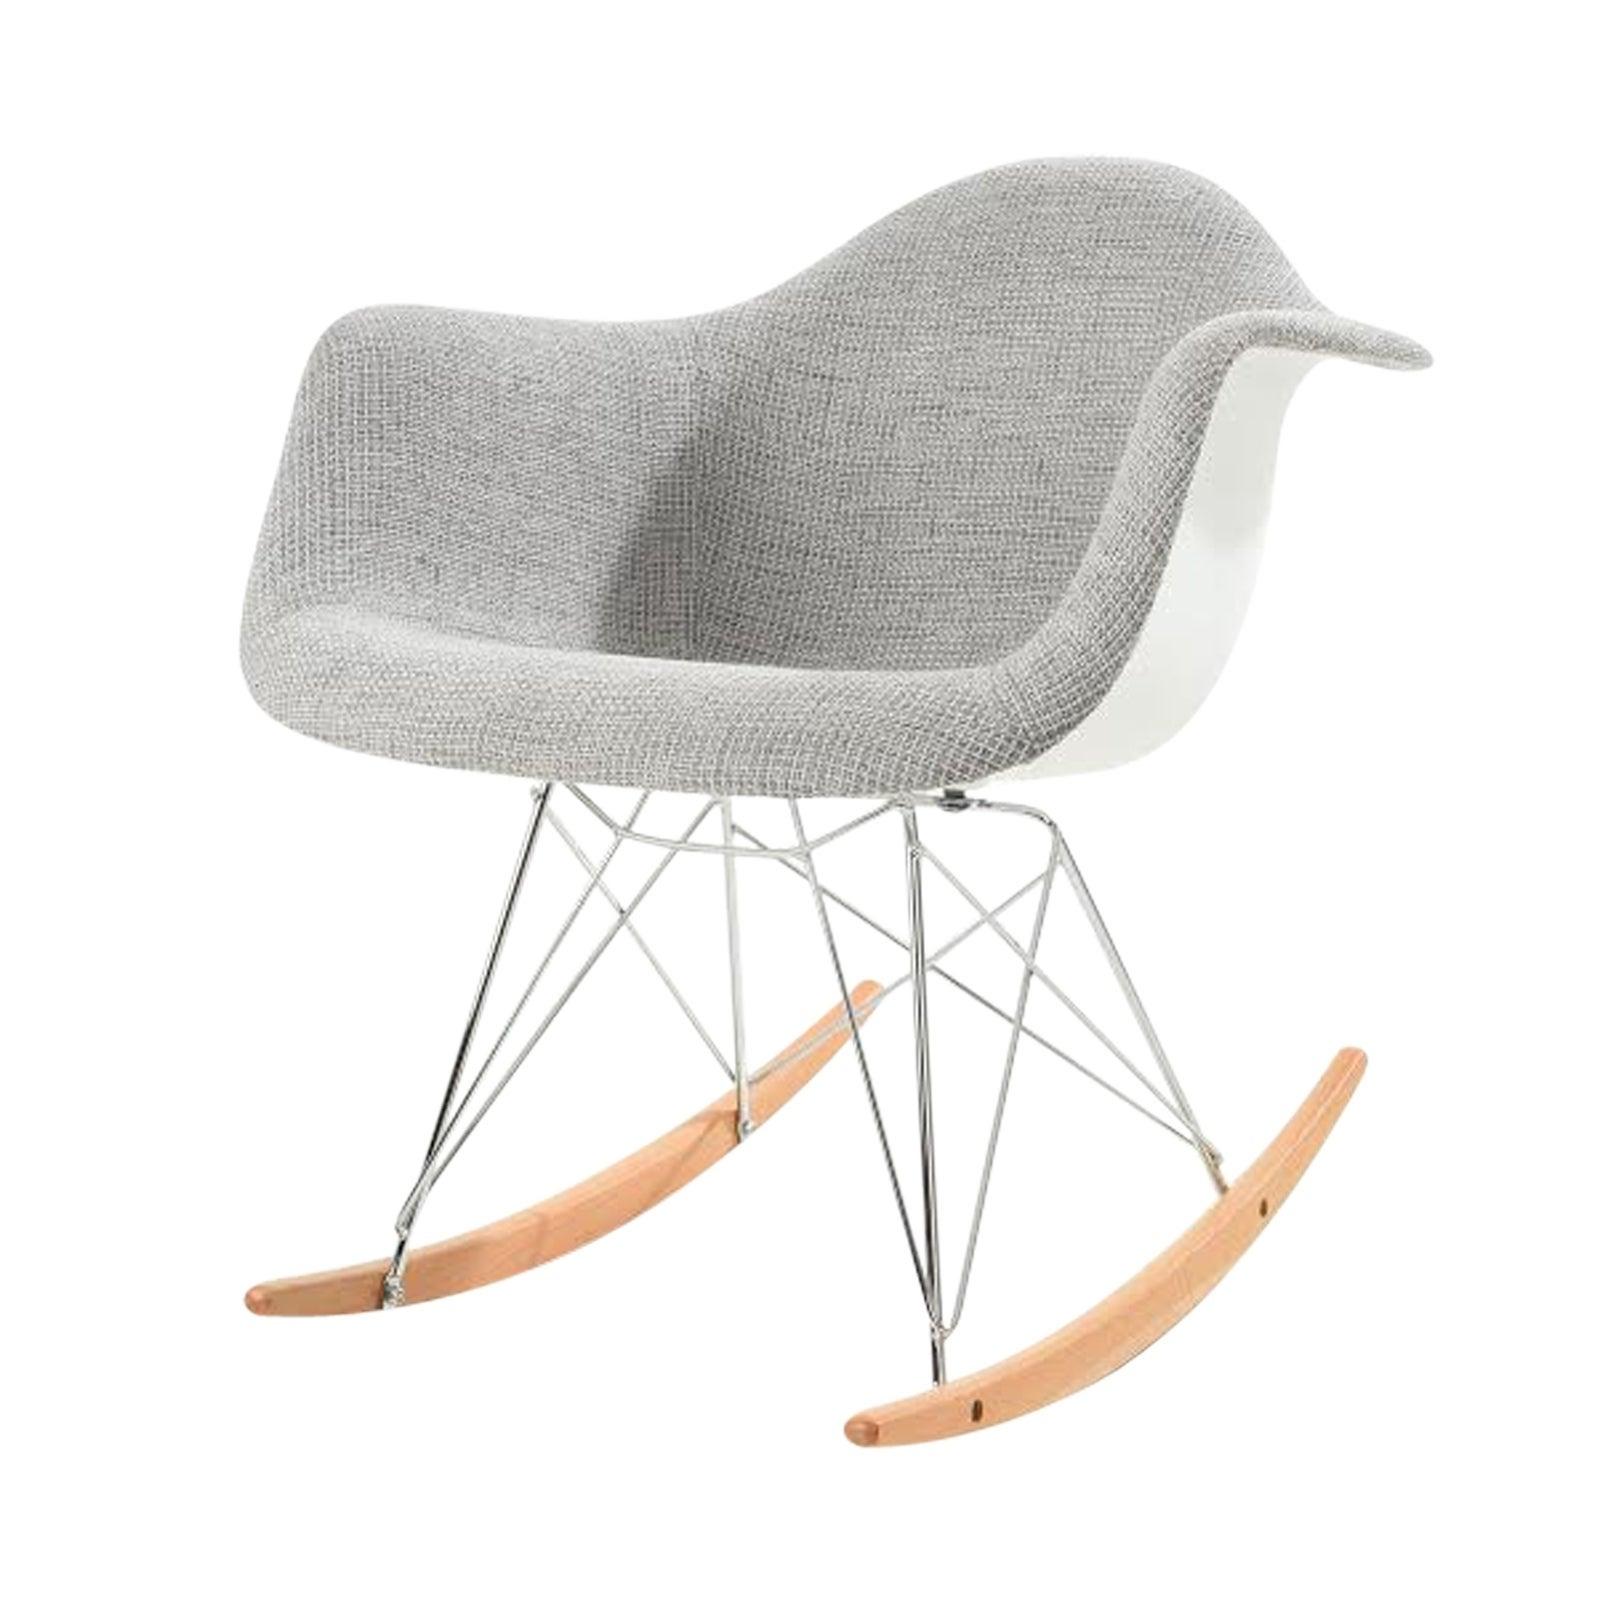 Leisuremod Wilson Twill Fabric Grey Rocking Chair W/ Eiffel Legs Pertaining To Twill Fabric Beige Rocking Chairs With Eiffel Legs (View 8 of 20)